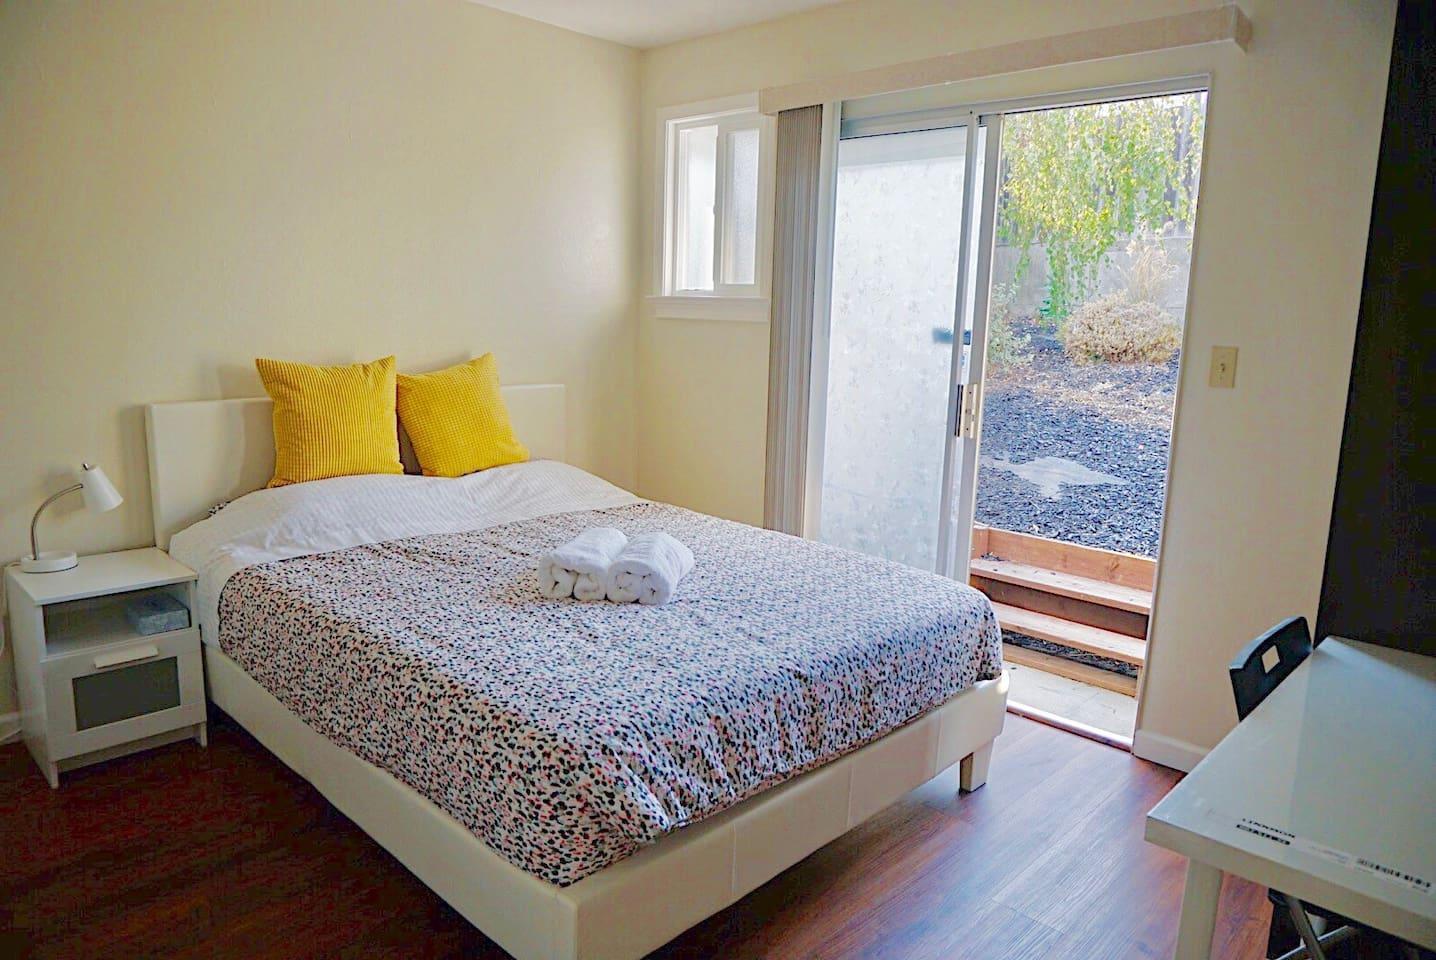 Room A2 - Queen Bed with sliding door to backyard